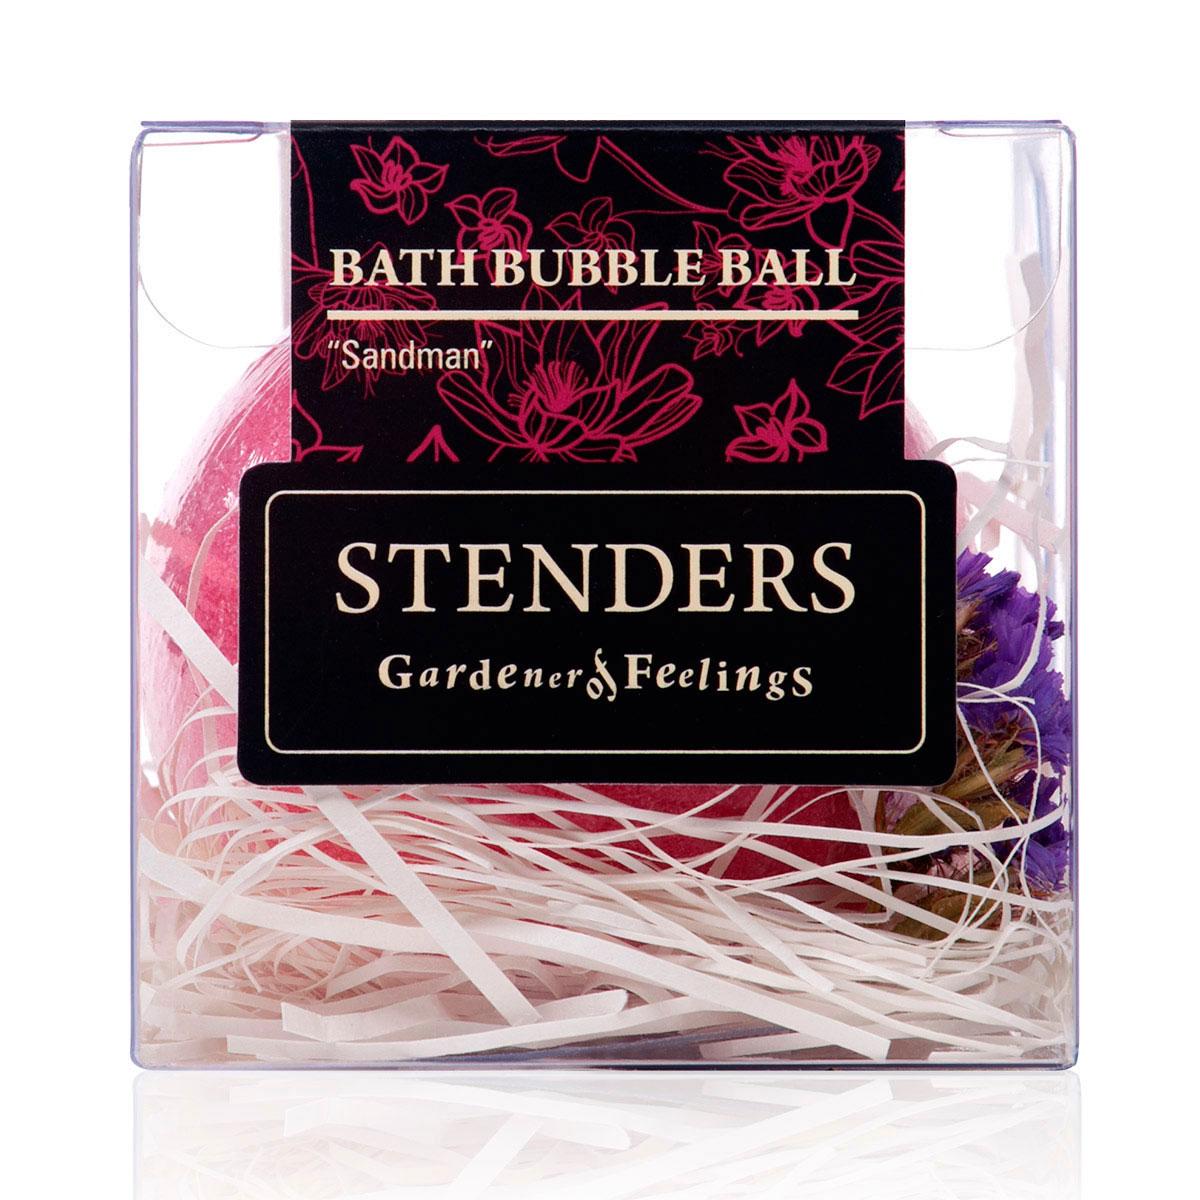 Stenders Бурлящий шар Лавандовый, 125 гSISBB04Ваши любимые бурлящие шары, упакованные в красивую коробку - готовы удивлять и радовать. Этот изготовленный умелыми руками бурлящий шар для ванны наполнит ванную комнату успокаивающим ароматом, заботясь о вашем отдыхе. Пока вы будете наслаждаться мгновениями расслабления, о вашей коже позаботится масло виноградных косточек и морская соль, а эфирное масло лаванды упокоит ваши мысли и чувства, позволяя вам предаться сладким мечтам и сну. Эфирное масло лаванды получают путем дистилляции цветущих макушек растения. Для этого любимого всеми масла характерен воздушный цветочно-травяной аромат, который способен как тонизировать, так и успокаивать, даря спокойствие. Это масло вы можете использовать и для улучшения сна. Масло виноградных косточек особенно хорошо тем, что содержит ненасыщенные жирные кислоты в большой концентрации. Оно придаст жизненную силу вашей коже, тщательно увлажняя и смягчая ее. Кристаллы соли моря богаты ионами кальция, калия и натрия. Эти вещества очистят вашу кожу и...